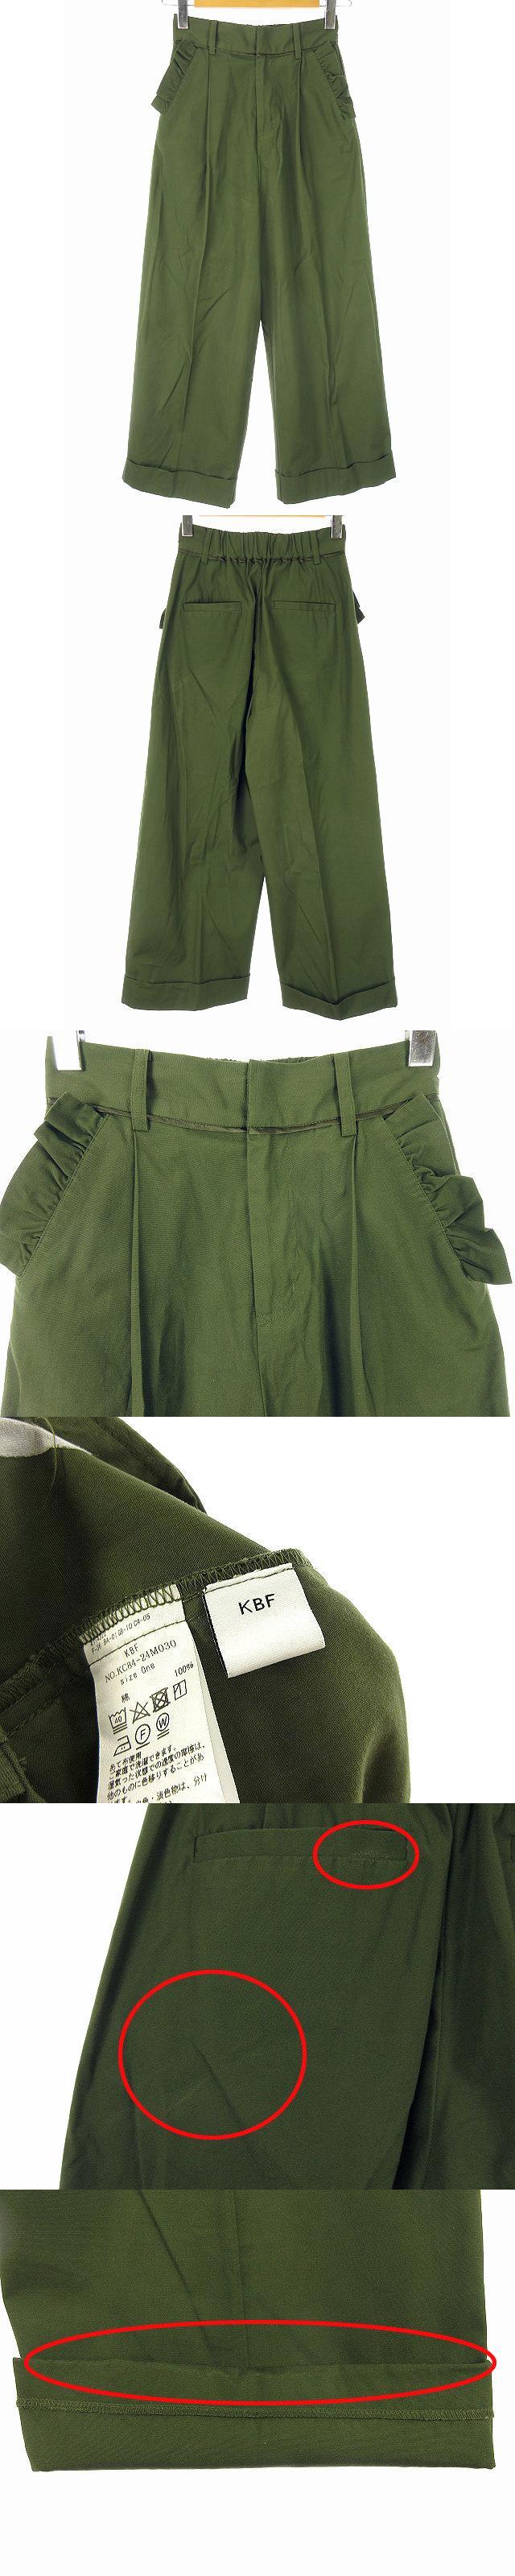 ポケット フリル ワイドパンツ タック 緑系 カーキグリーン ボトムス